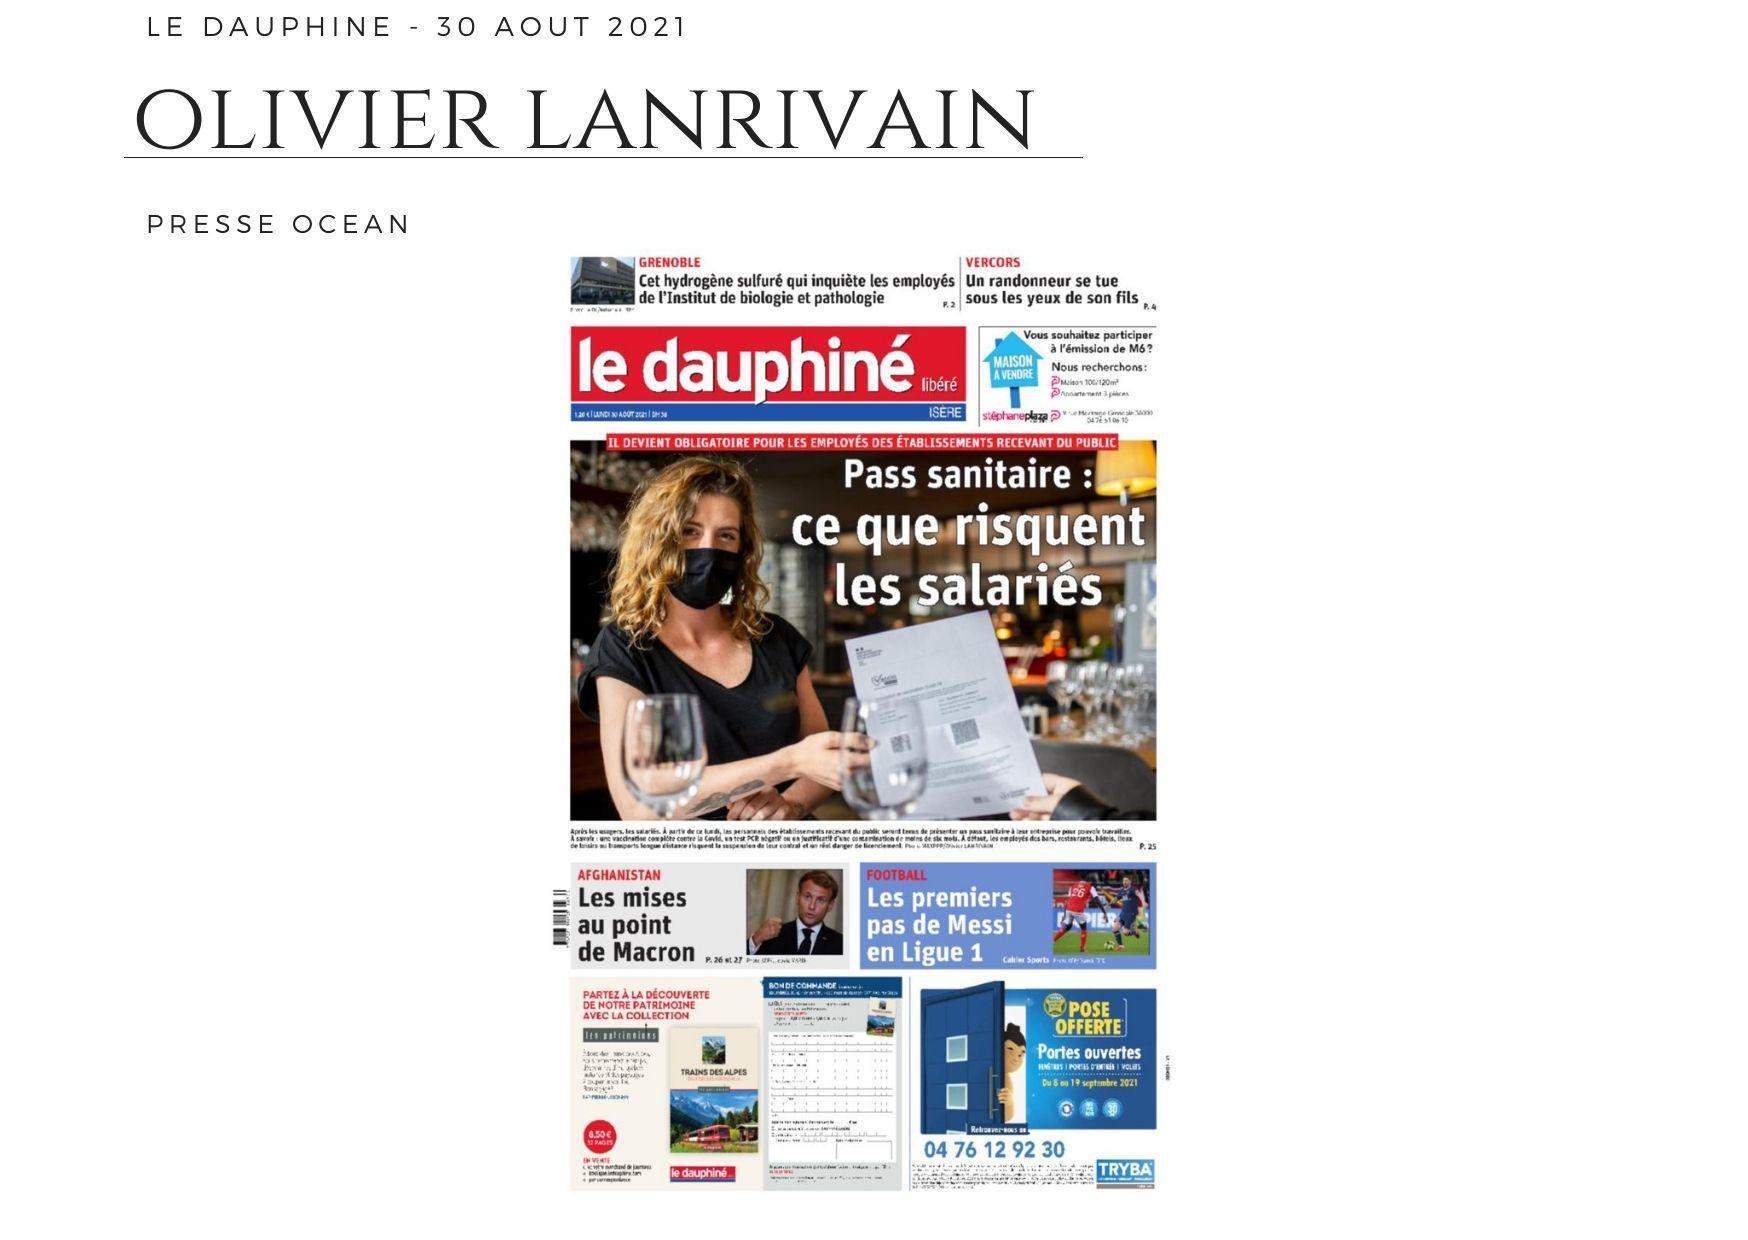 Le Dauphiné - 30 août 2021